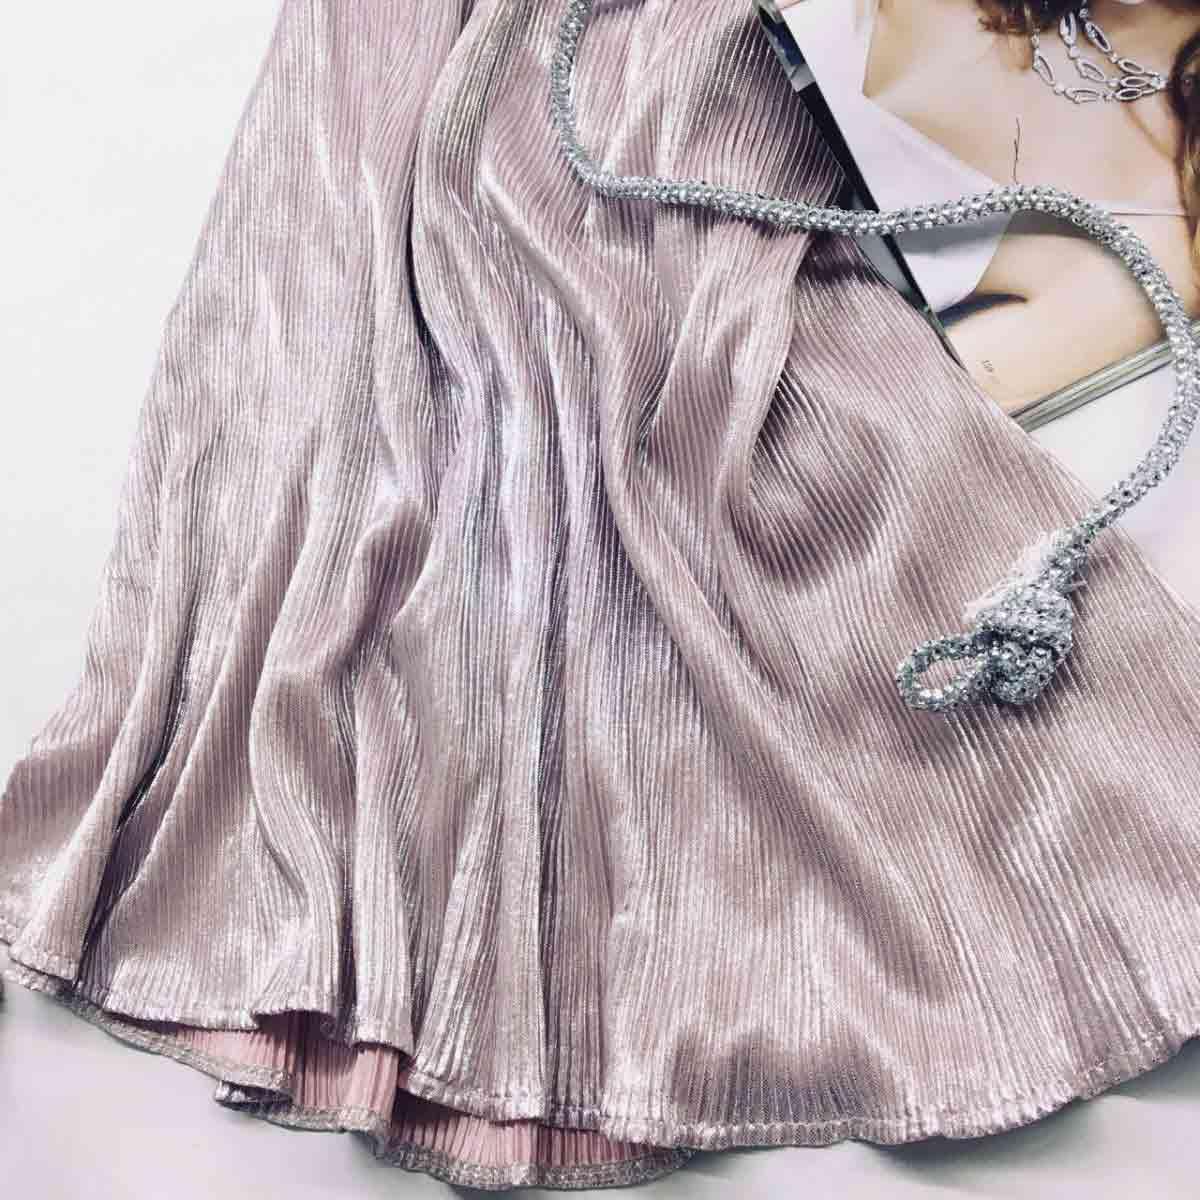 Юбка плиссе цвета пудра от производителя Аржен